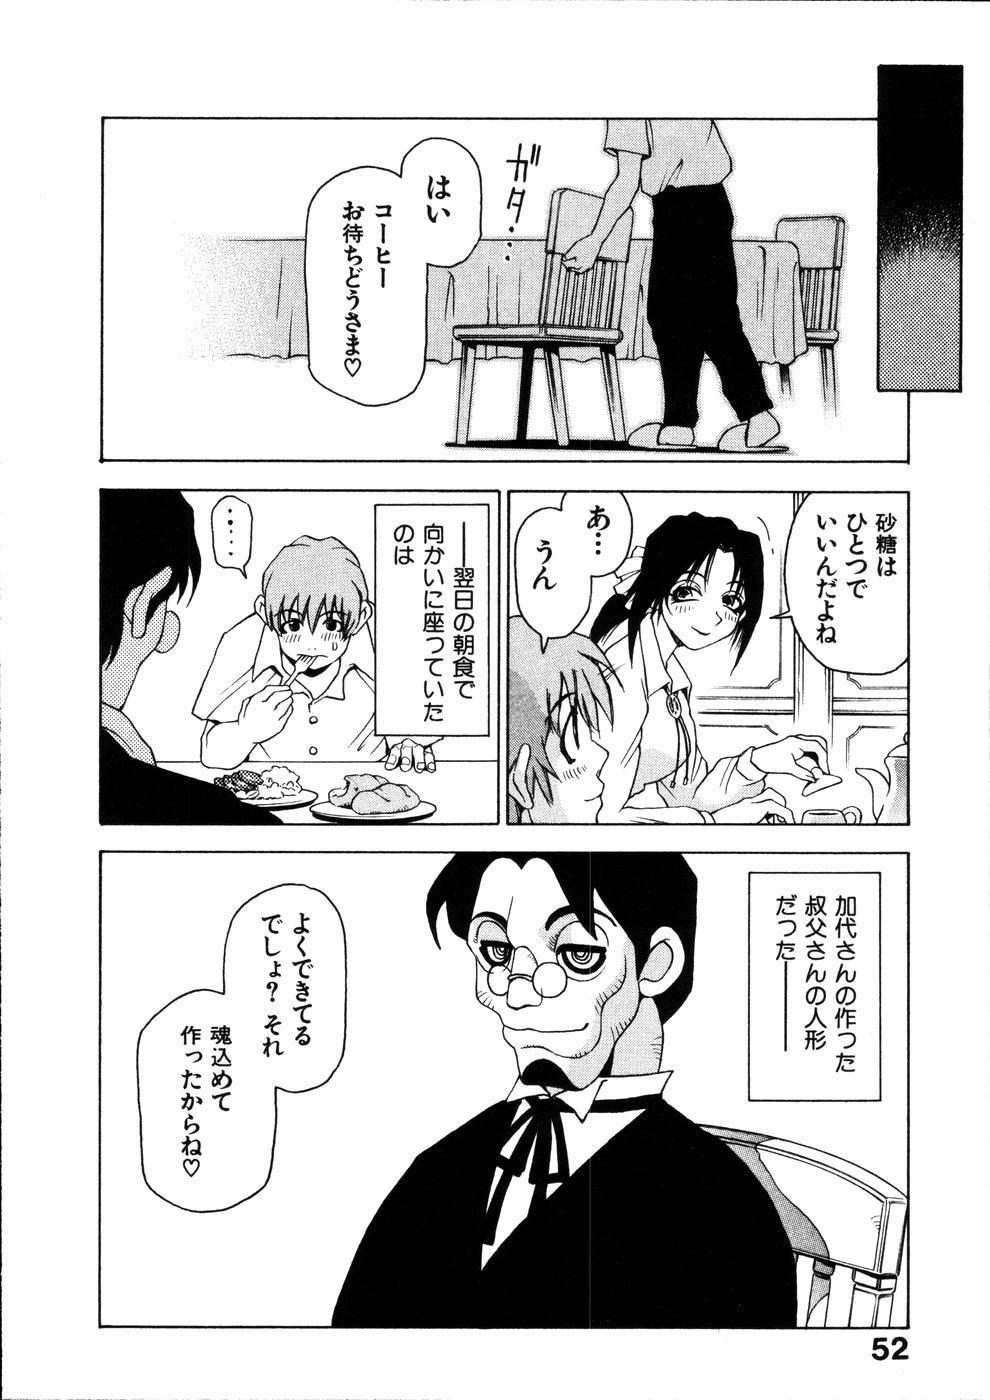 Hotaru 52